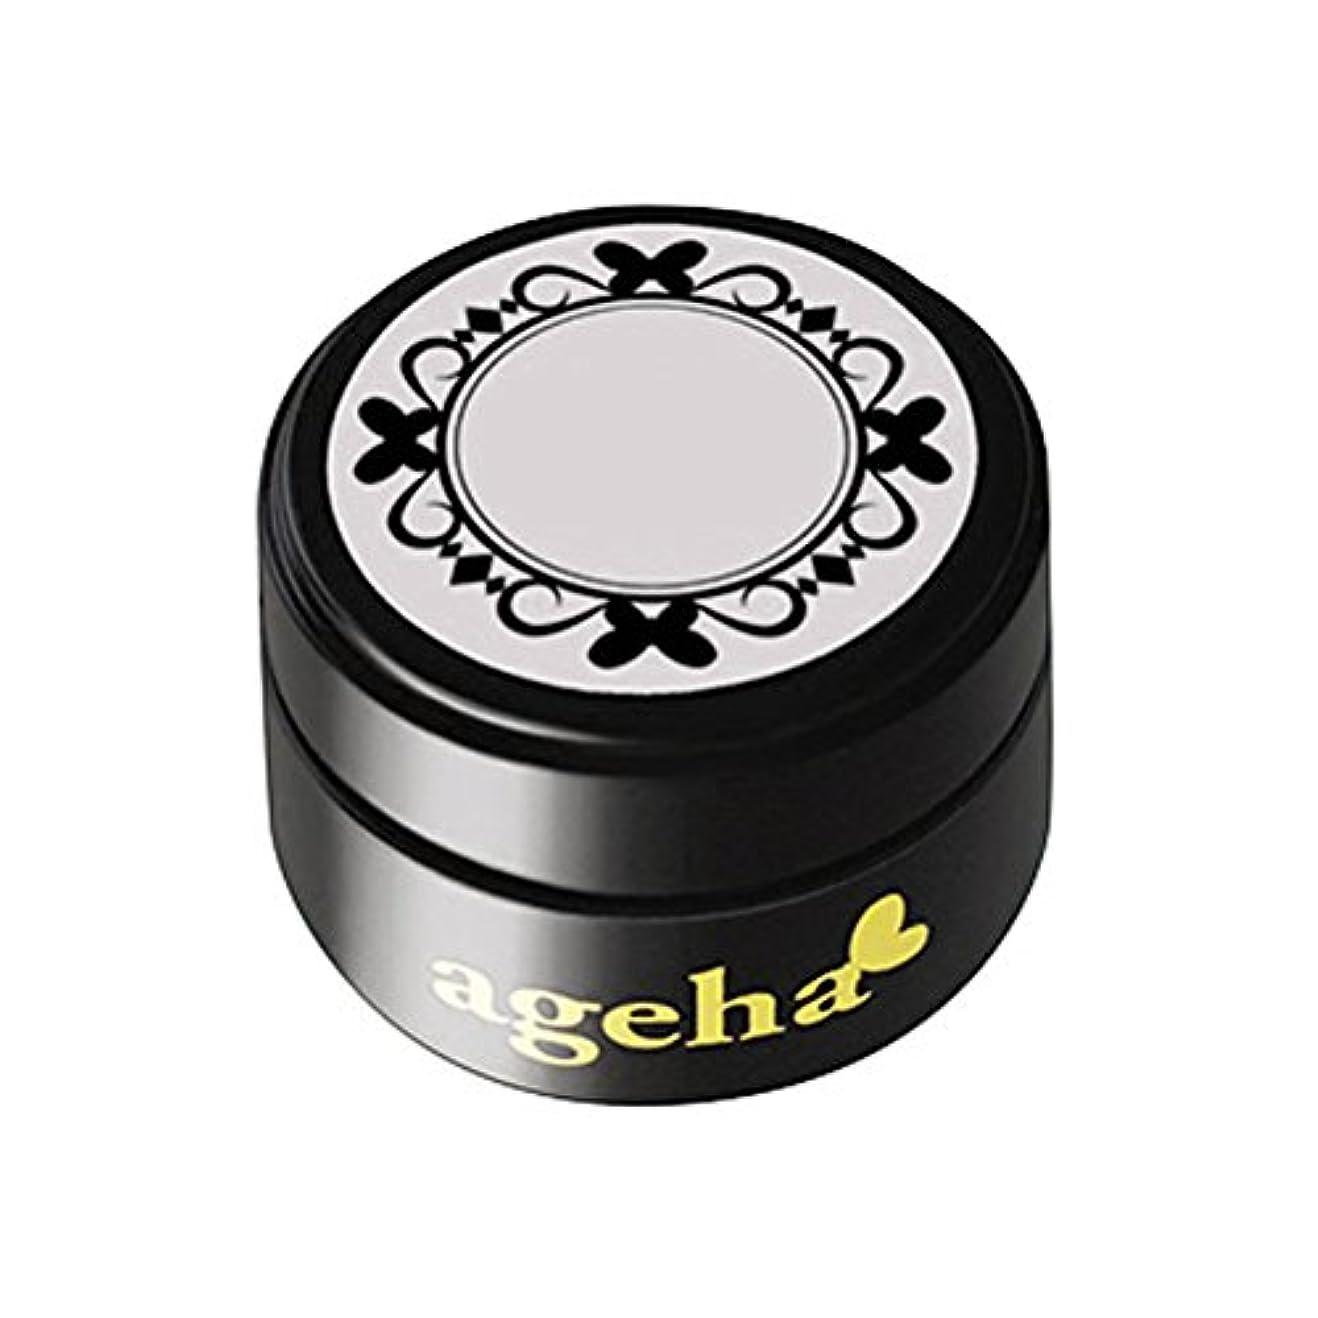 ハント行き当たりばったりスペシャリストageha gel カラージェル コスメカラー 204 ビターチョコレート 2.7g UV/LED対応